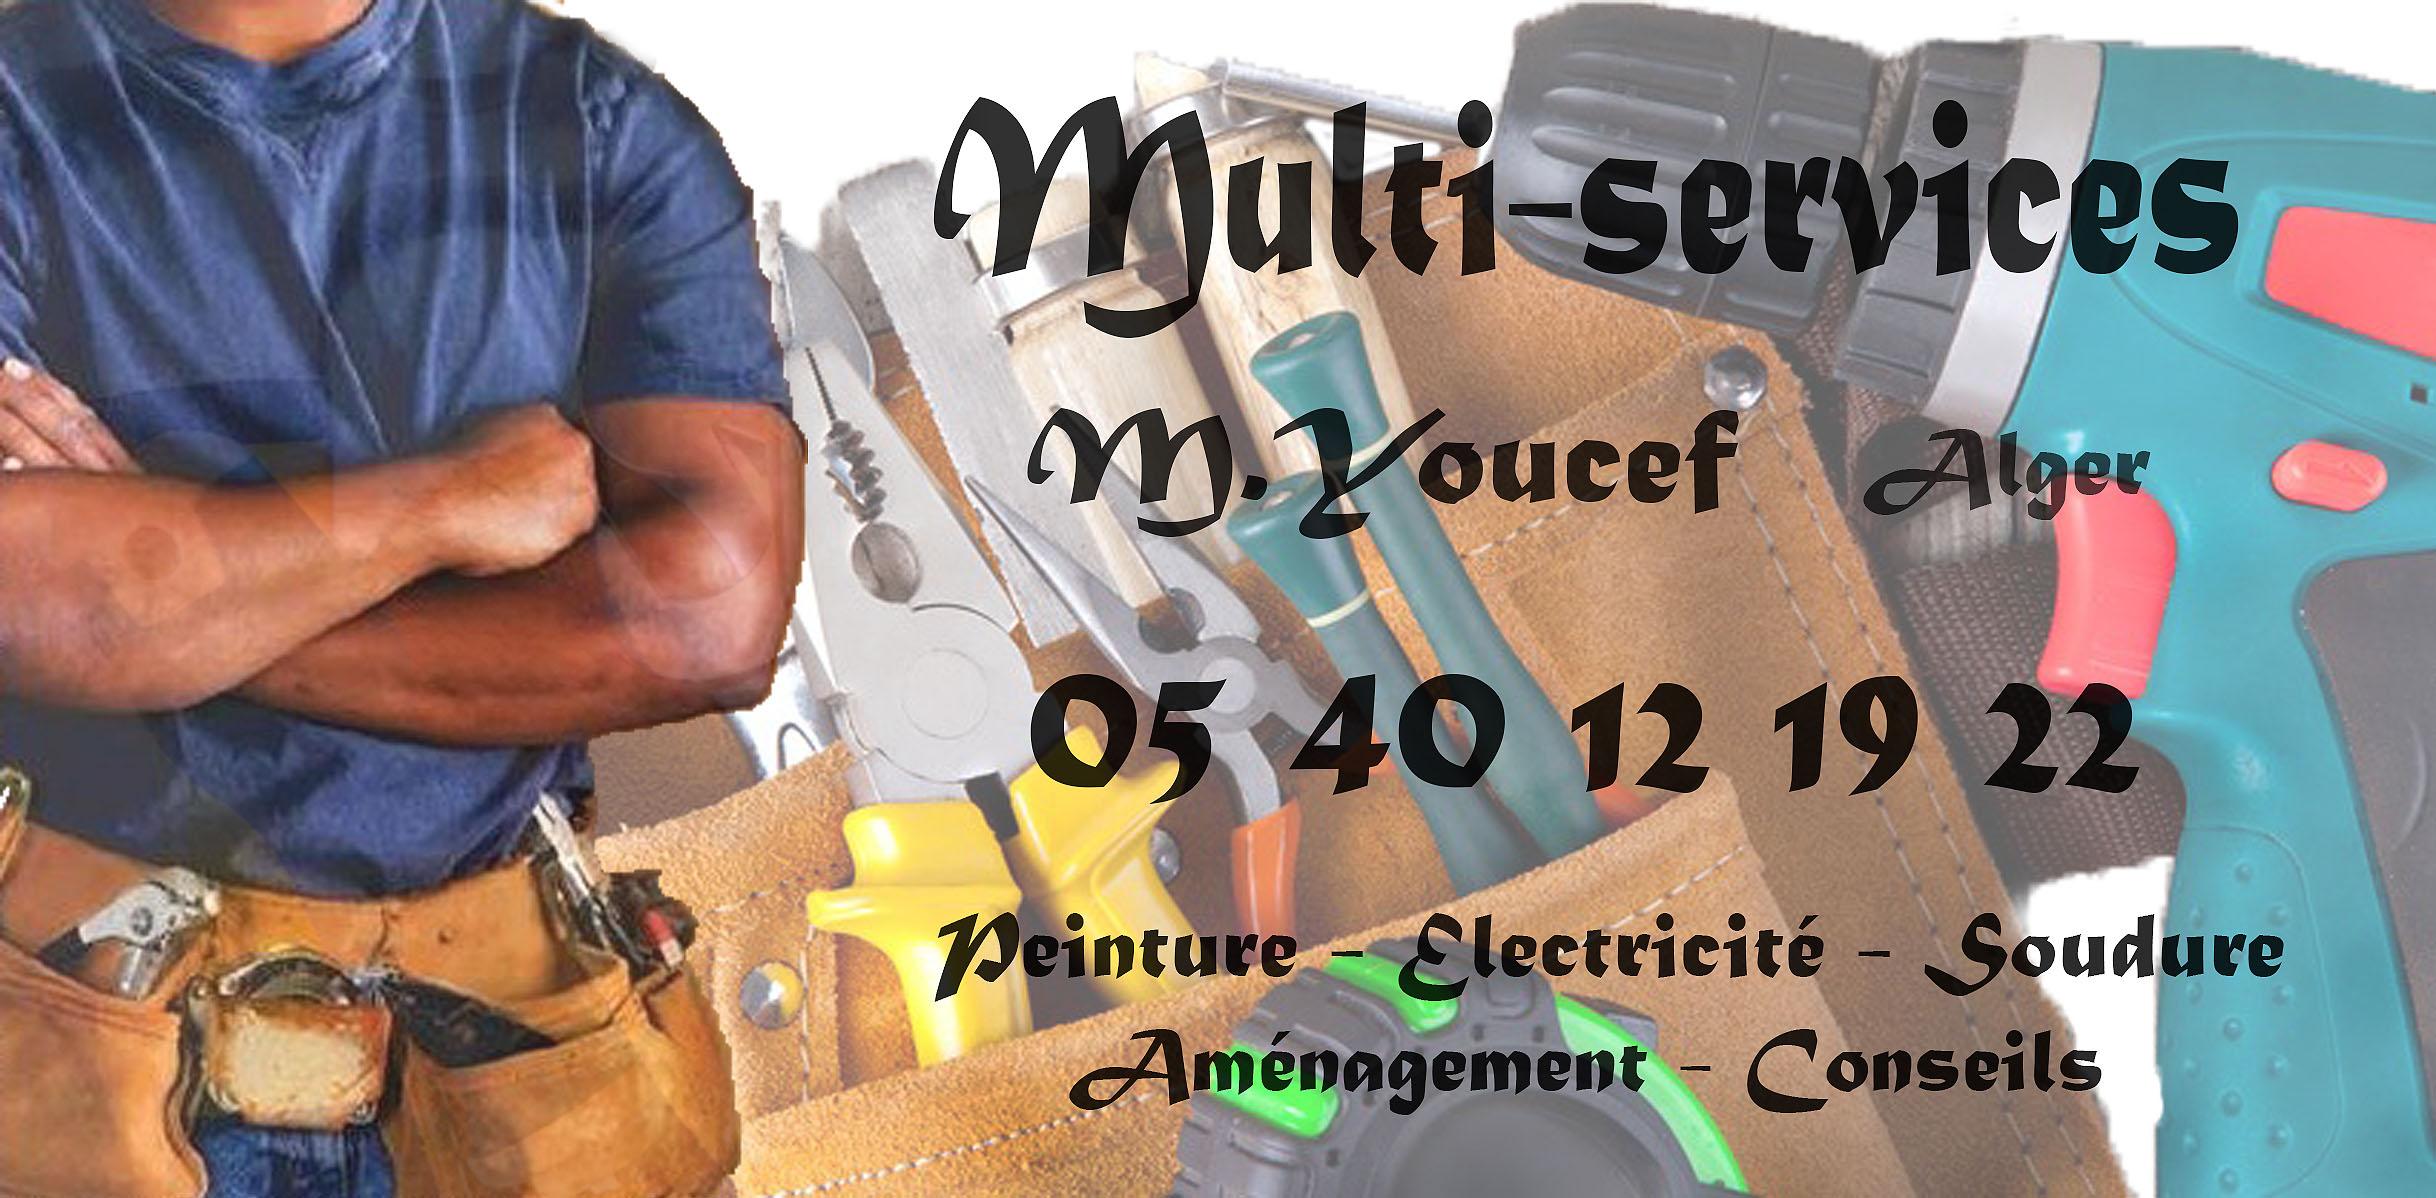 Bricole :Peinture - électricité soudure Aménagement conseils ouedkniss